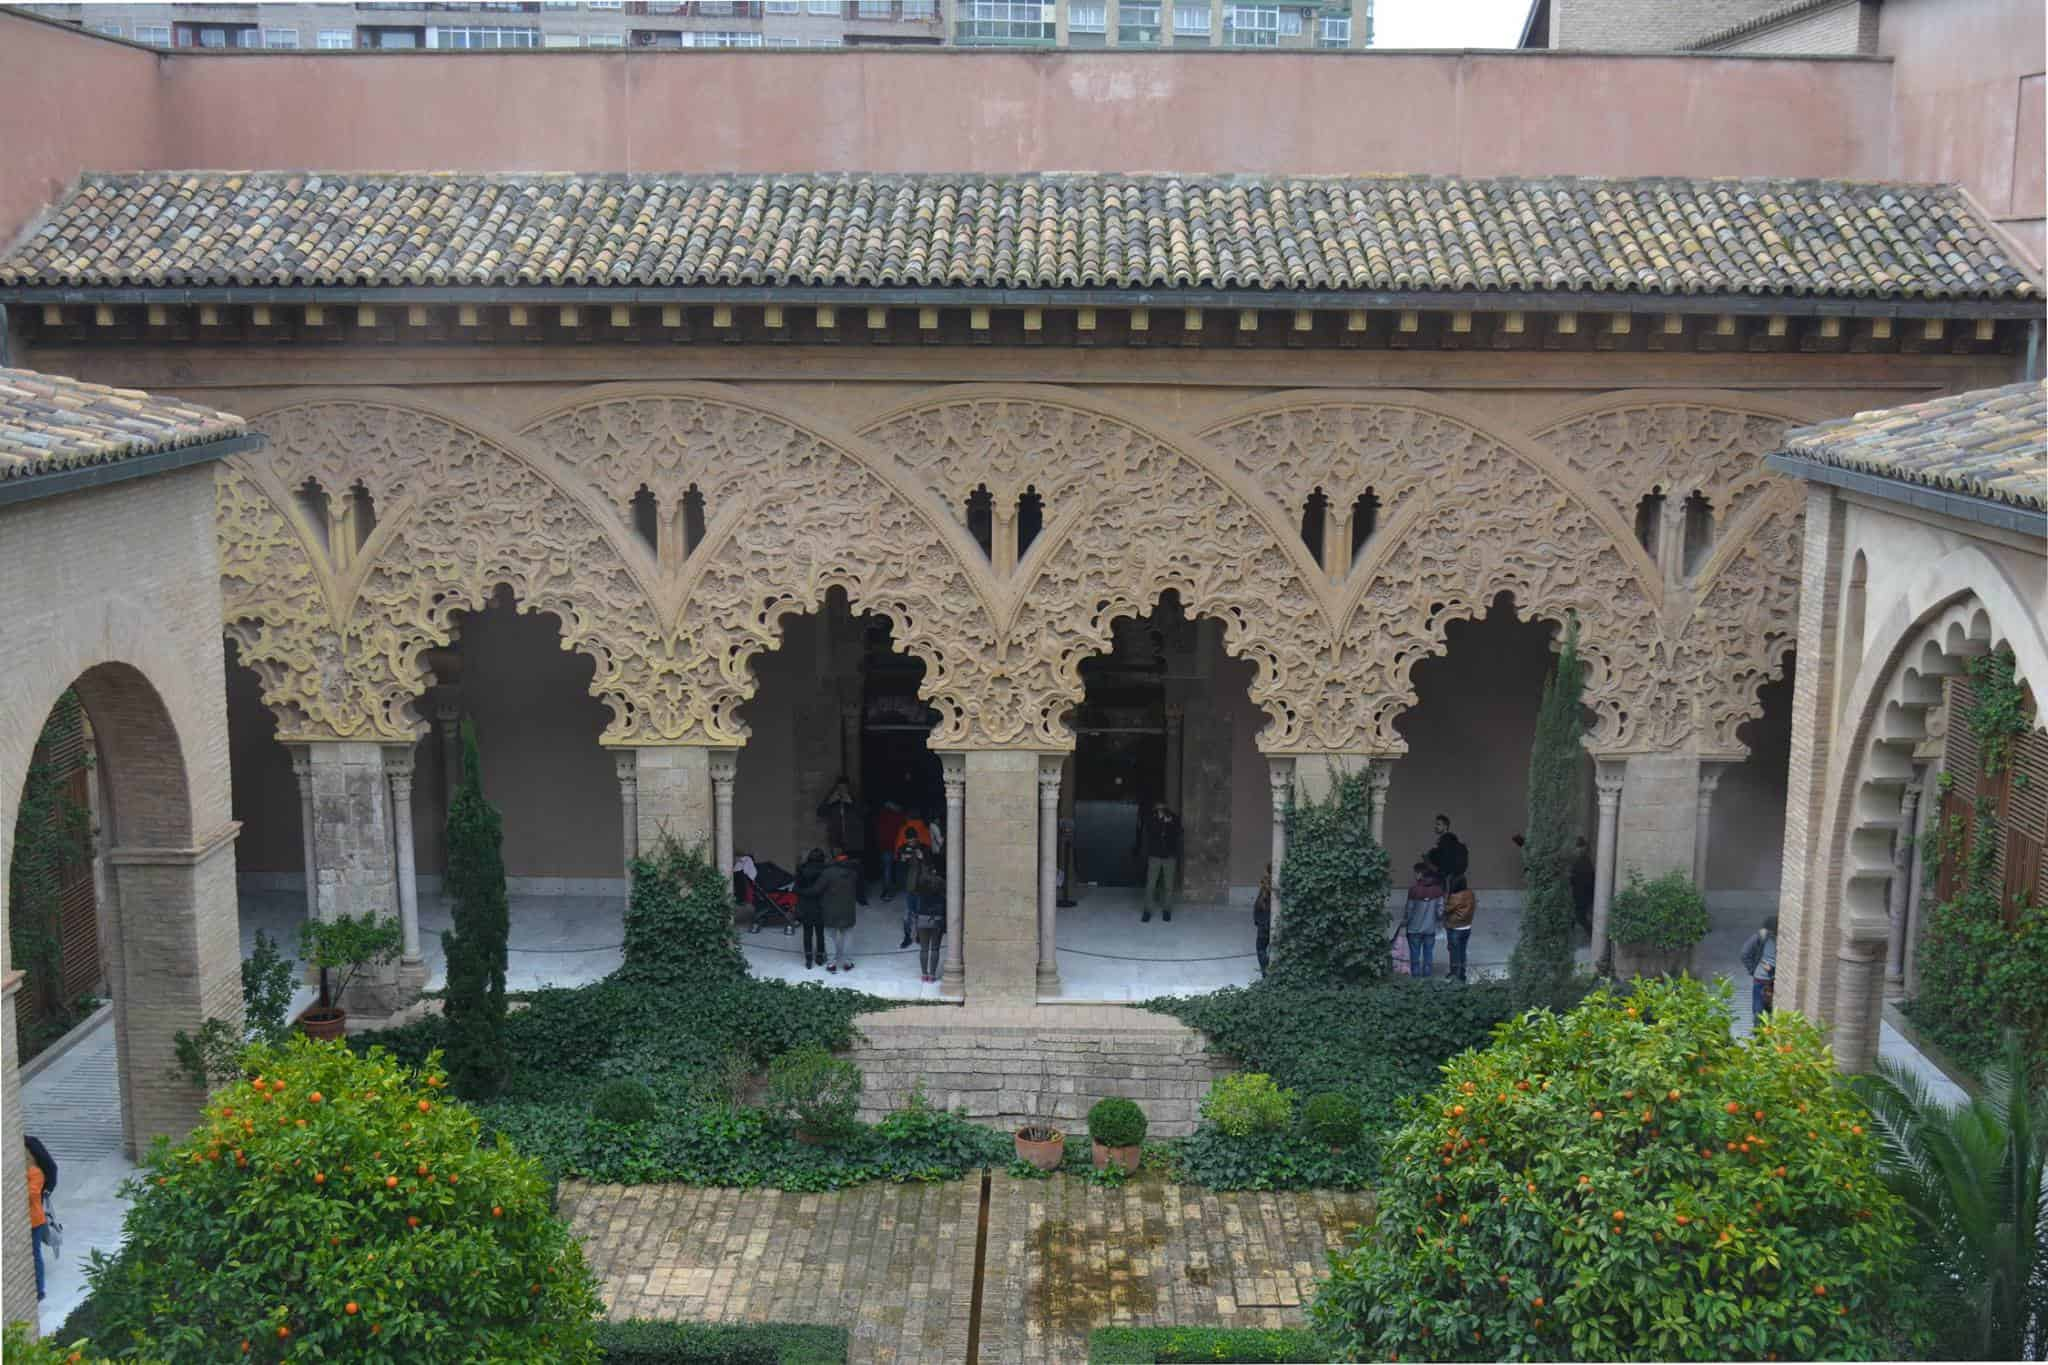 Aljaferia Zaragoza, Spain